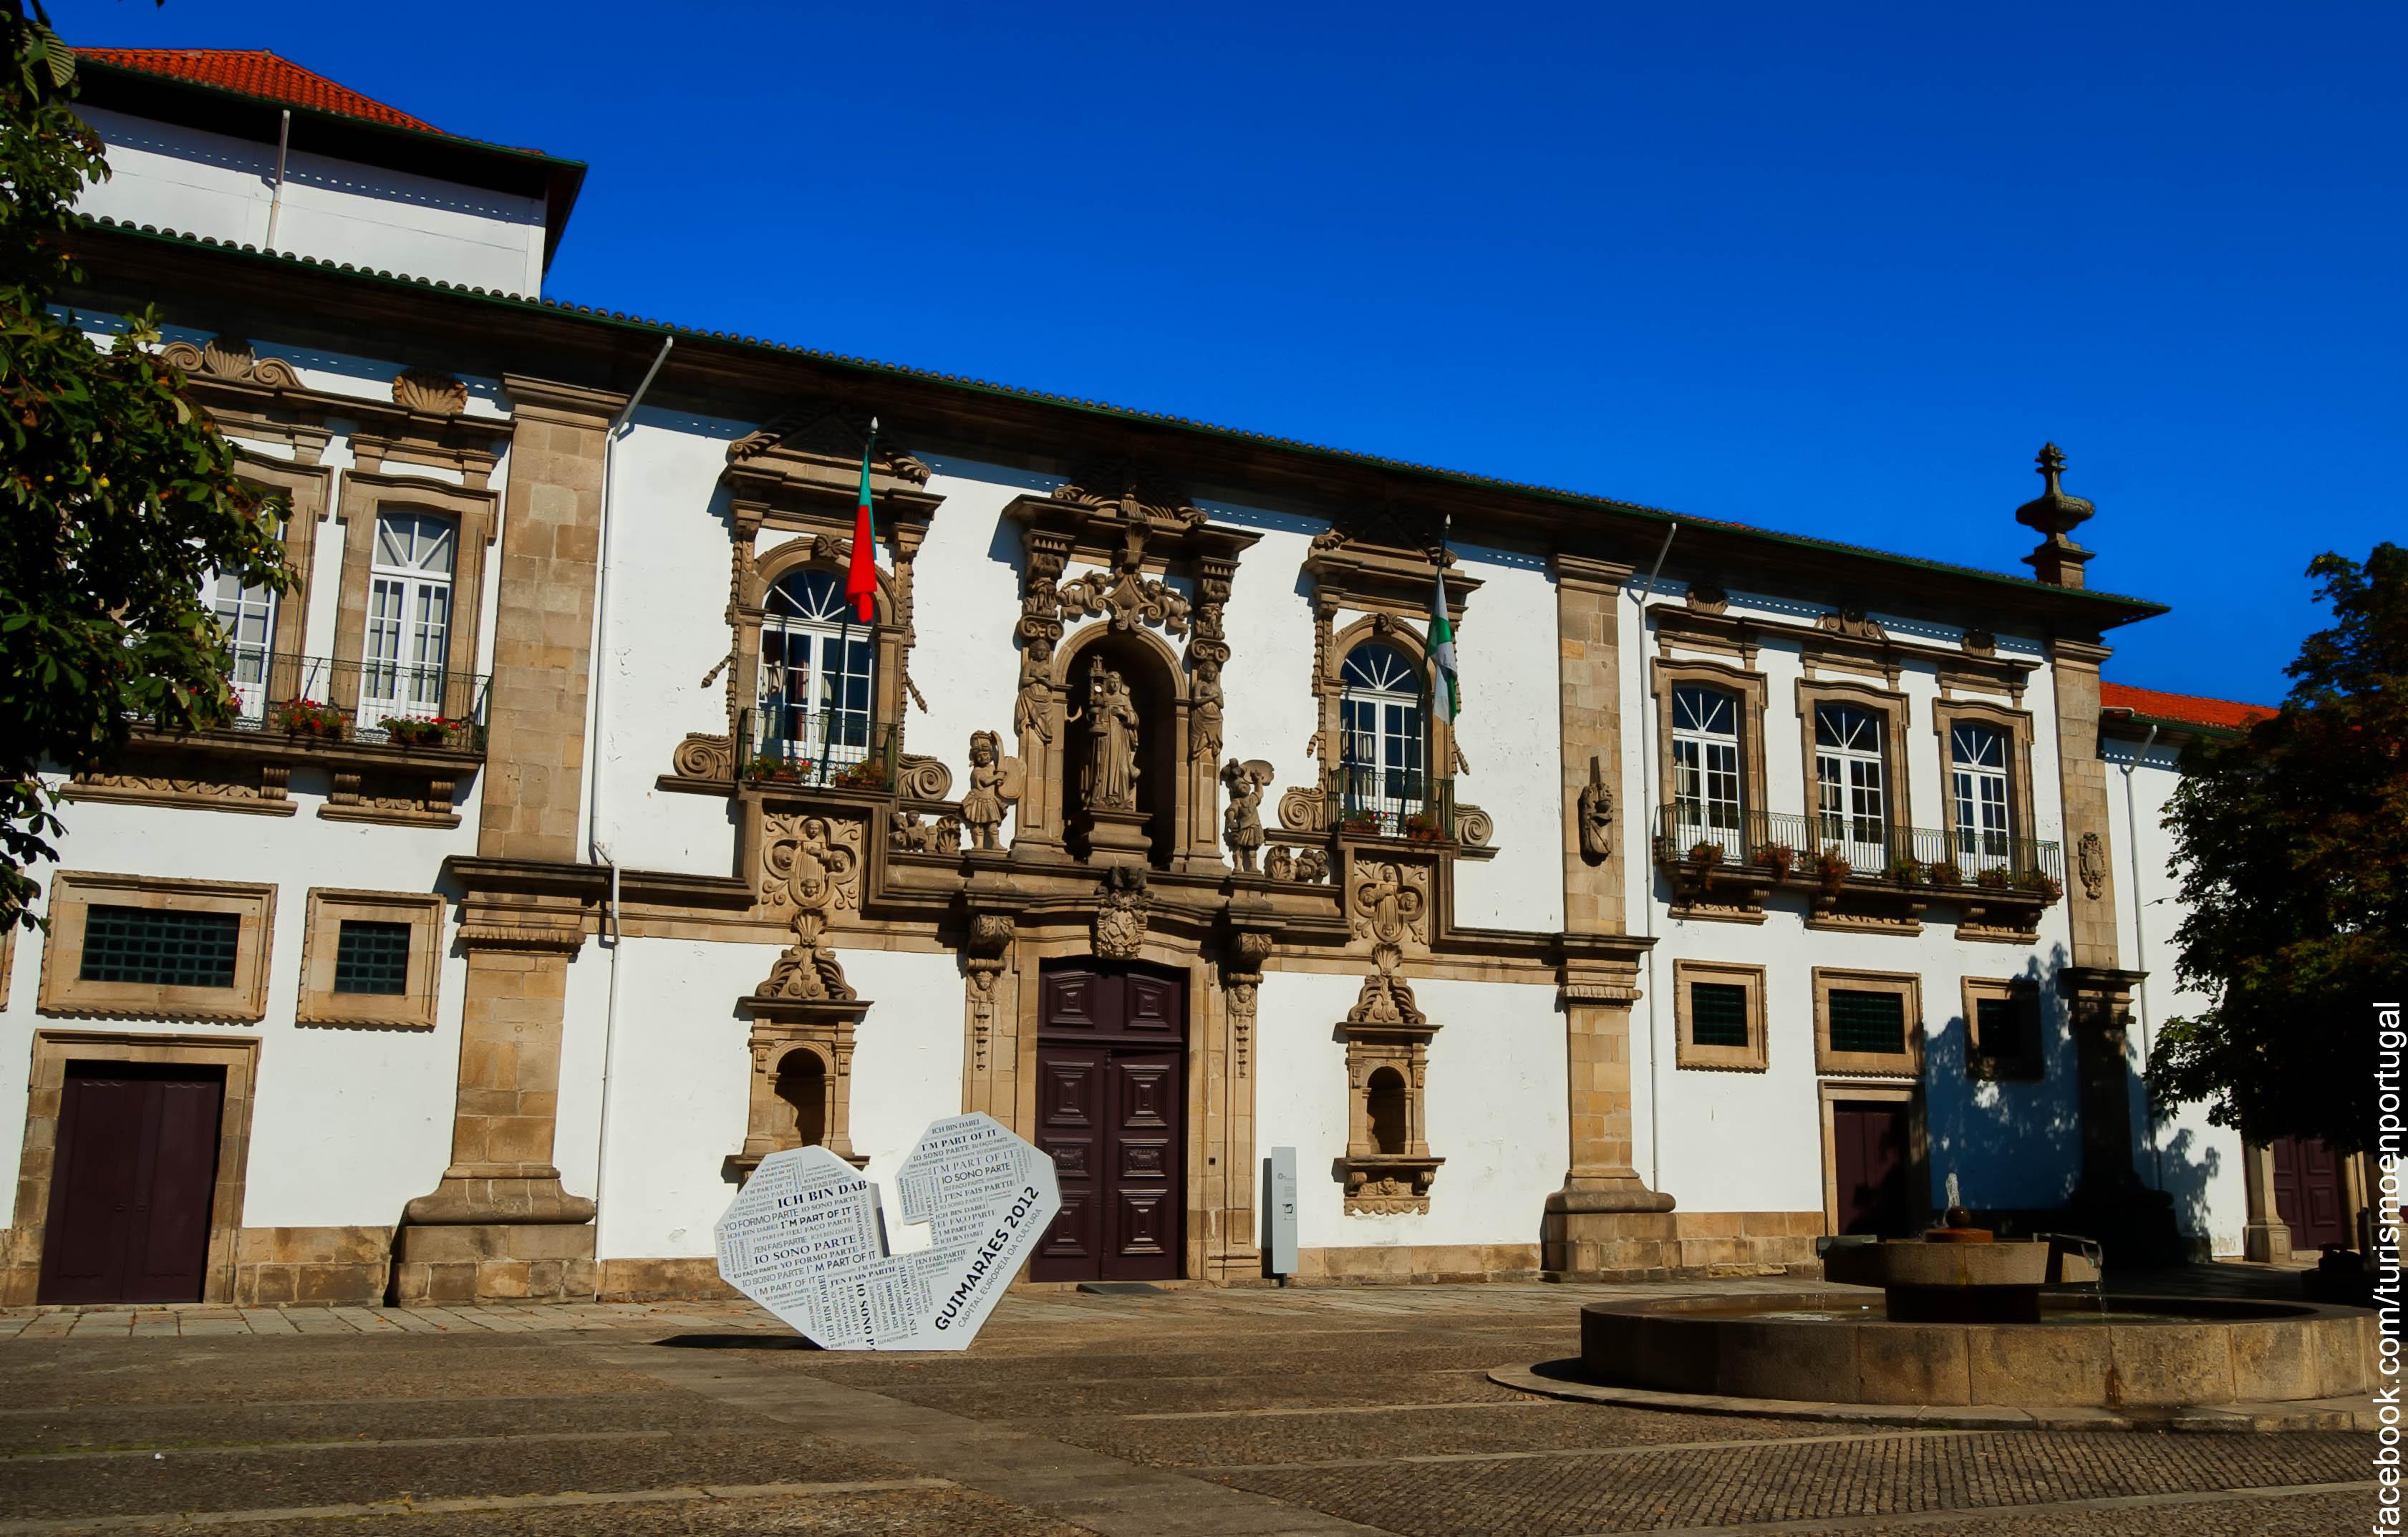 Convento_de_Santa_Clara_Guimaraes